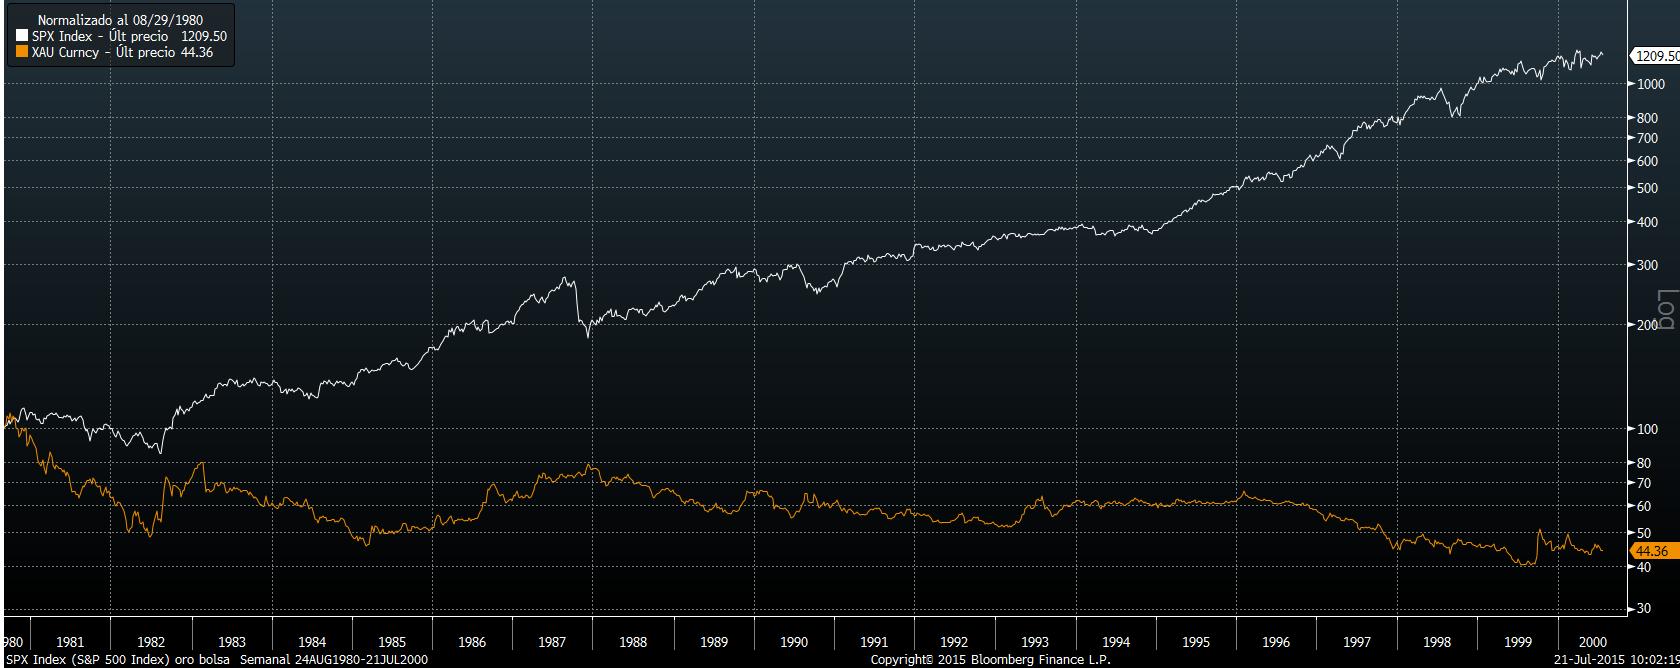 SPX Index y XAU Currency